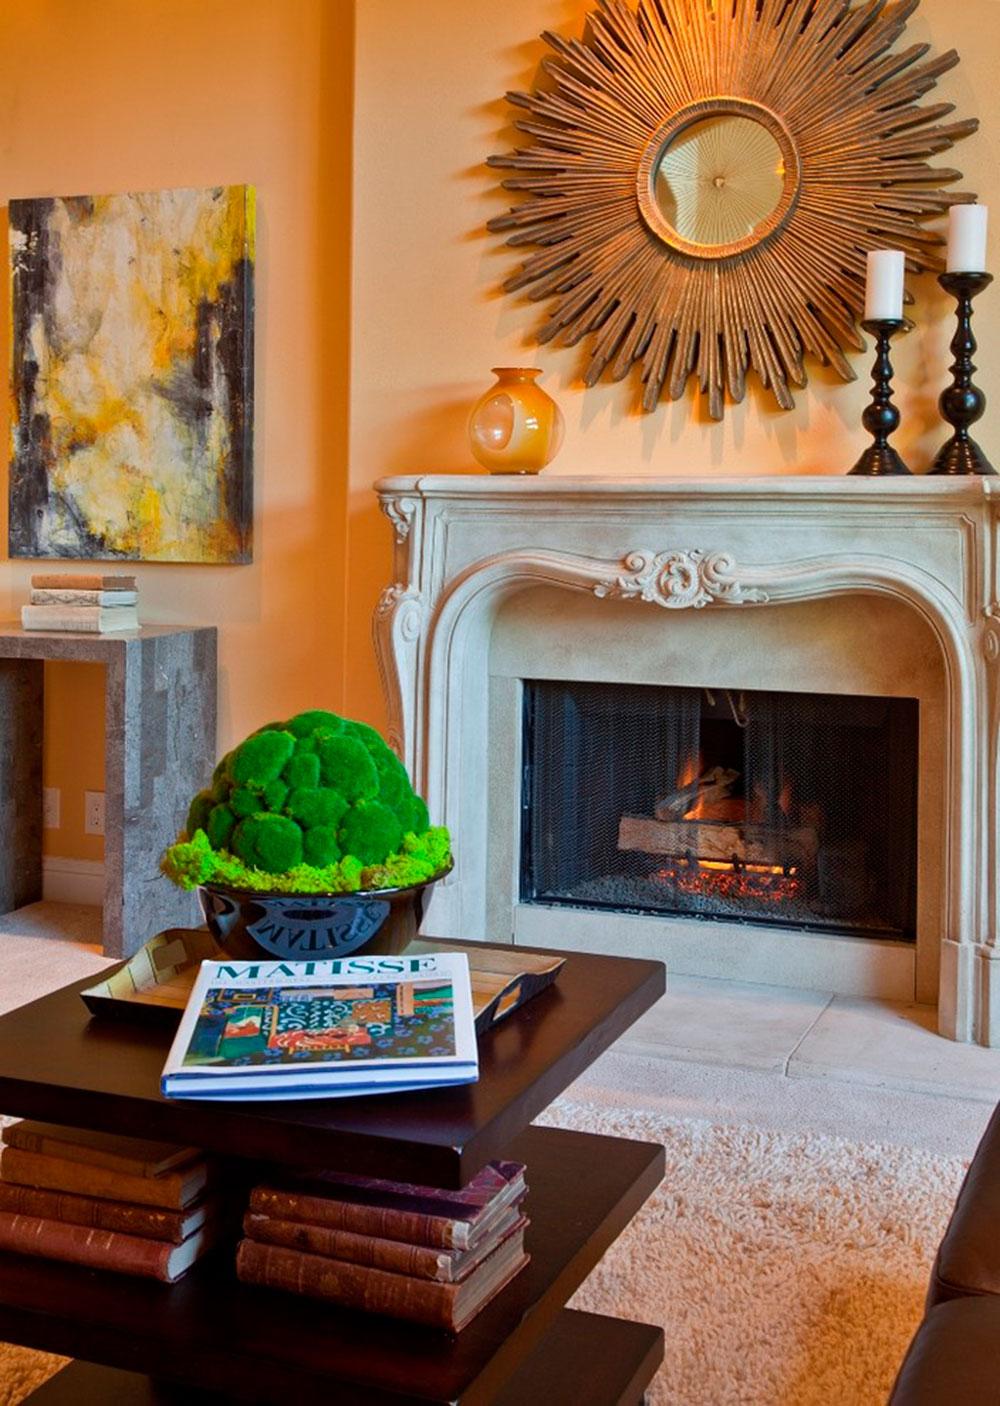 Eldstadsmanteldekorationsidéer för ett mysigt hem 8 Eldstadsmanteldekorationsidéer för ett mysigt hem